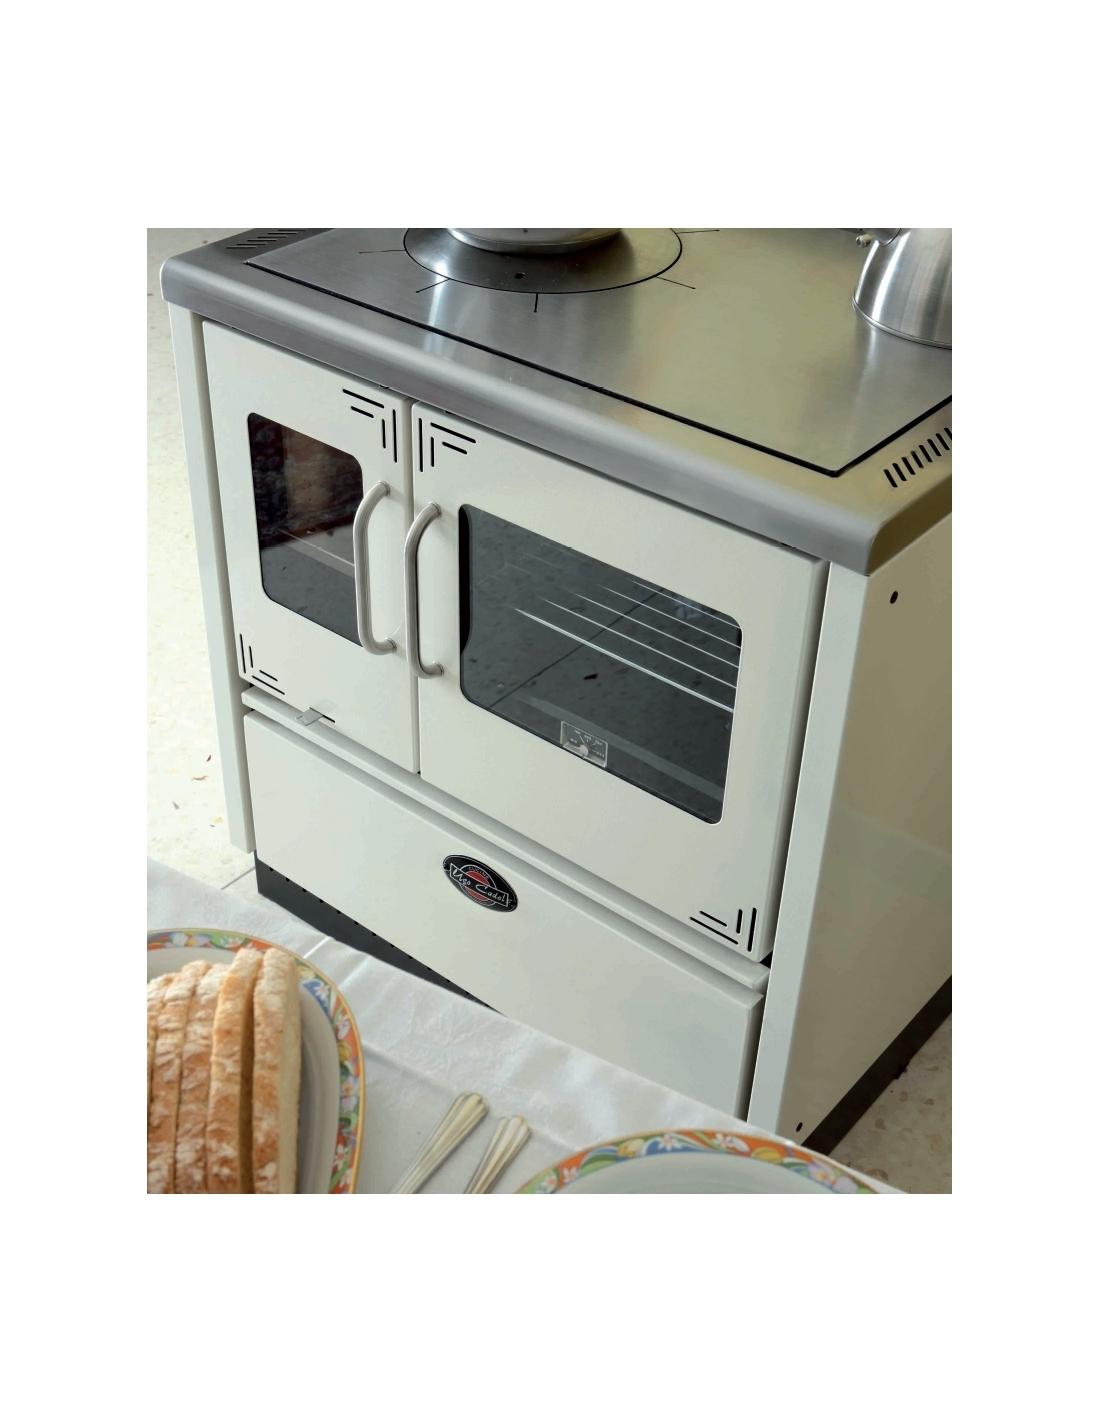 Cucina a legna ugo cadel prima 80 for Ugo cadel termocucine